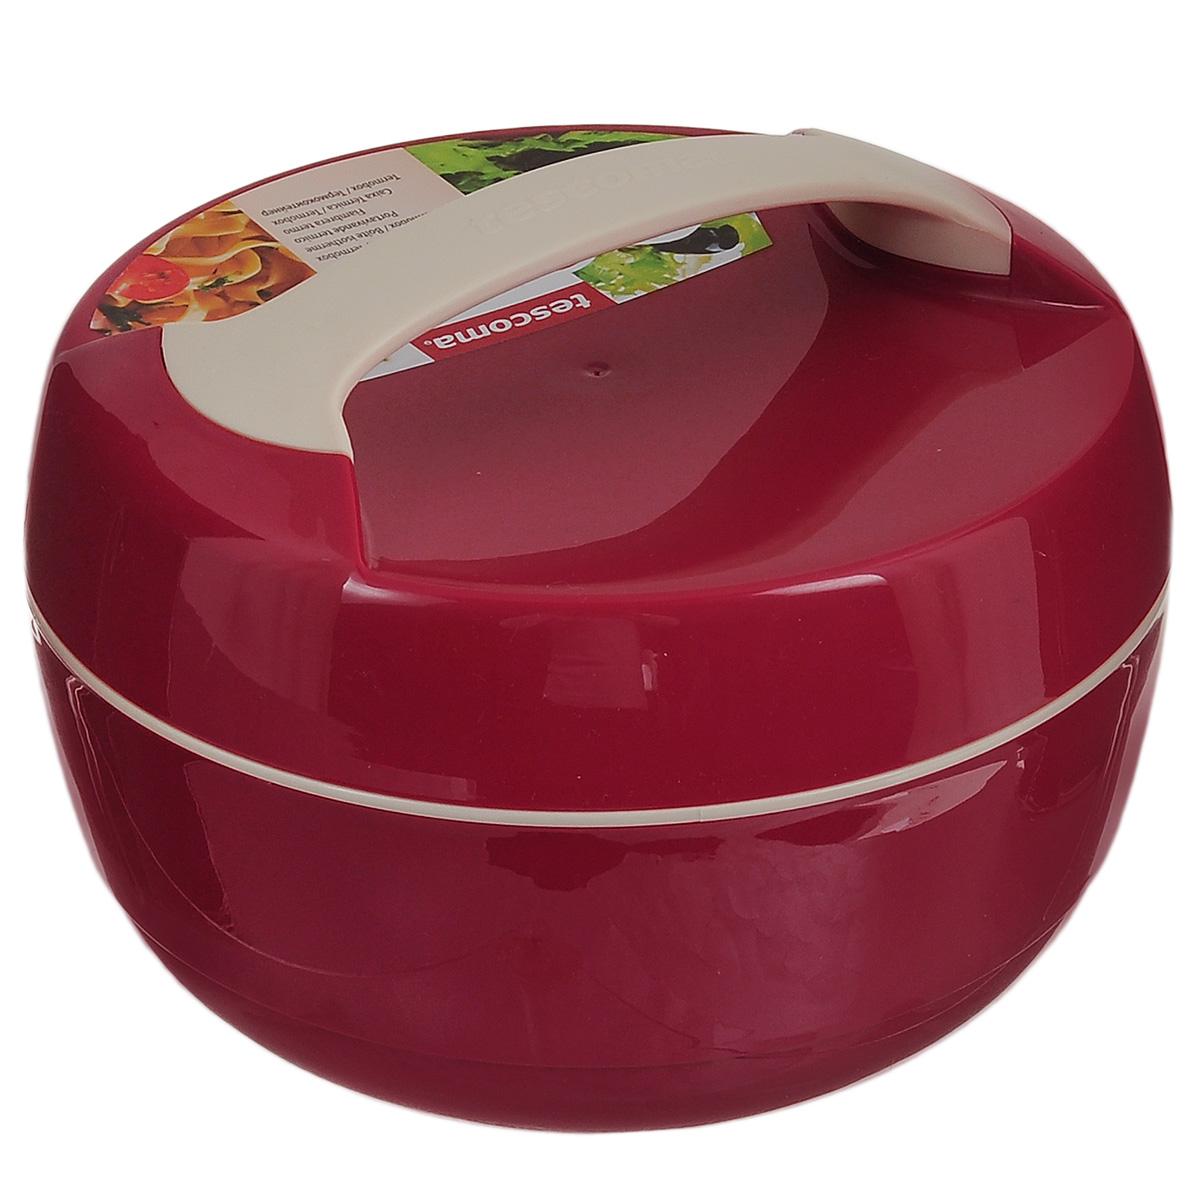 Термоконтейнер Tescoma Family, цвет: красный, 1,5 л310540Термоконтейнер Tescoma Family изготовлен из высококачественного пищевого пластика. Прекрасно подходит для длительного хранения и переноски теплой и холодной пищи. Двойные стенки контейнера с высокоэффективным теплоизоляционным заполнением сохраняют пищу теплой или холодной в течение нескольких часов. При обычном использовании контейнер не бьющийся. Крышка плотно и удобно закручивается. Для комфортной переноски предусмотрена ручка. Контейнер нельзя мыть в посудомоечной машине. Объем контейнера: 1,5 л. Диаметр контейнера: 22 см. Высота контейнера: 12,5 см.